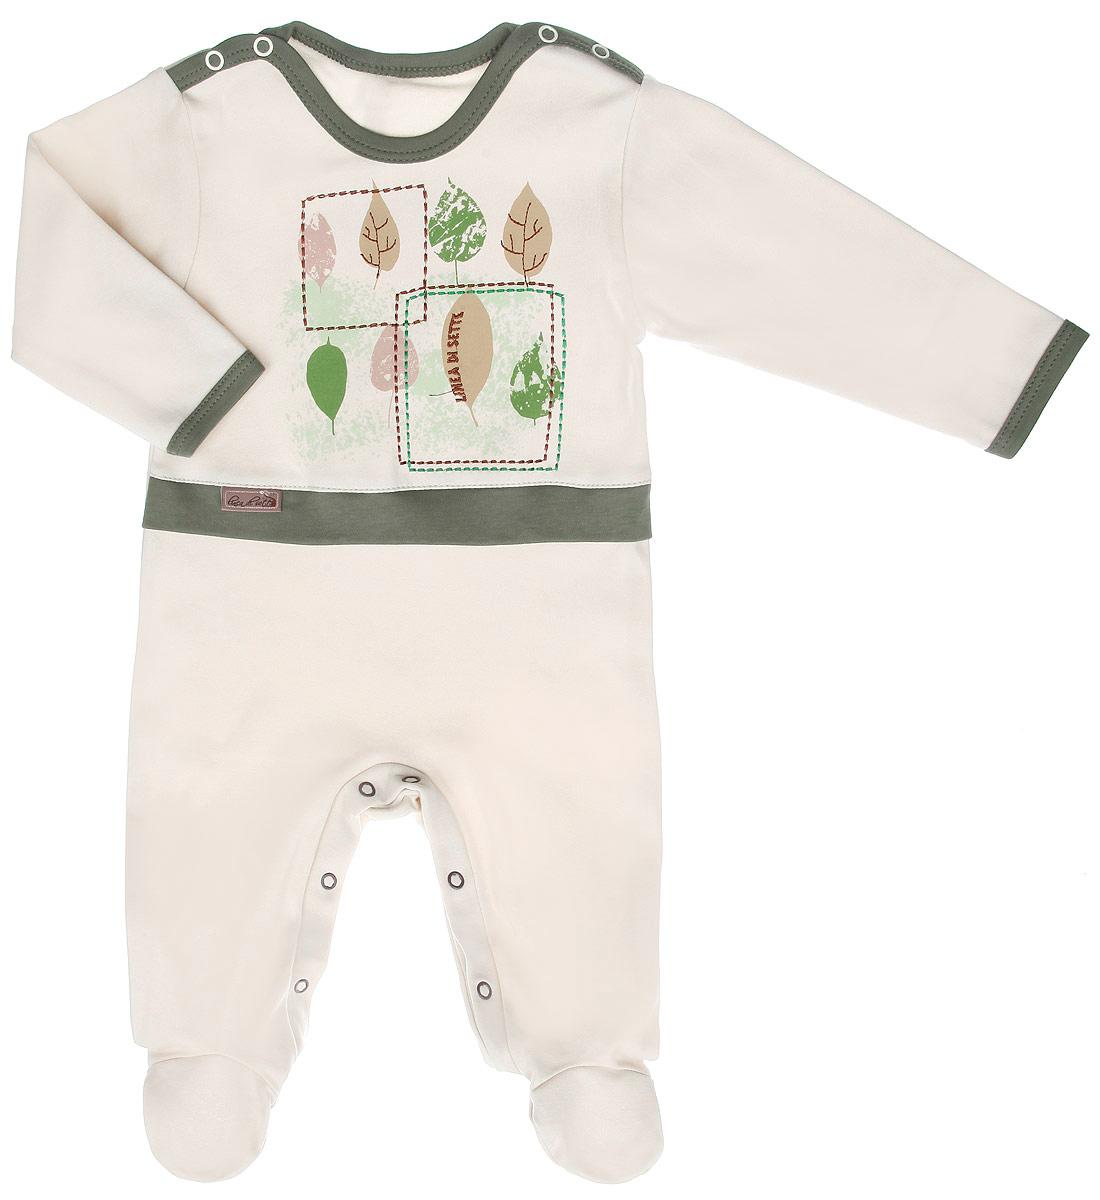 Комбинезон детский Ботаника. 05-060305-0603Детский комбинезон Linea Di Sette Ботаника станет идеальным дополнением к гардеробу вашего ребенка. Изделие изготовлено из высококачественного органического полотна в соответствии с принятыми стандартами. Органический хлопок - это безвредная альтернатива традиционному хлопку, ткани из него не вредят нежной коже малыша, а также их производство безопасно для окружающей среды. Органический хлопок очень мягкий, отлично пропускает воздух, обеспечивая максимальный комфорт. Комбинезон с круглым вырезом горловины, длинными рукавами и закрытыми ножками имеет застежки-кнопки по плечевому шву и на ластовице, которые помогают легко переодеть младенца или сменить подгузник. Спереди, по линии талии модель дополнена контрастной вставкой. Оформлен комбинезон принтом с изображением листочков, а также украшен вышивкой. Изделие полностью соответствует особенностям жизни ребенка в ранний период, не стесняя и не ограничивая его в движениях. В таком комбинезоне кроха будет...